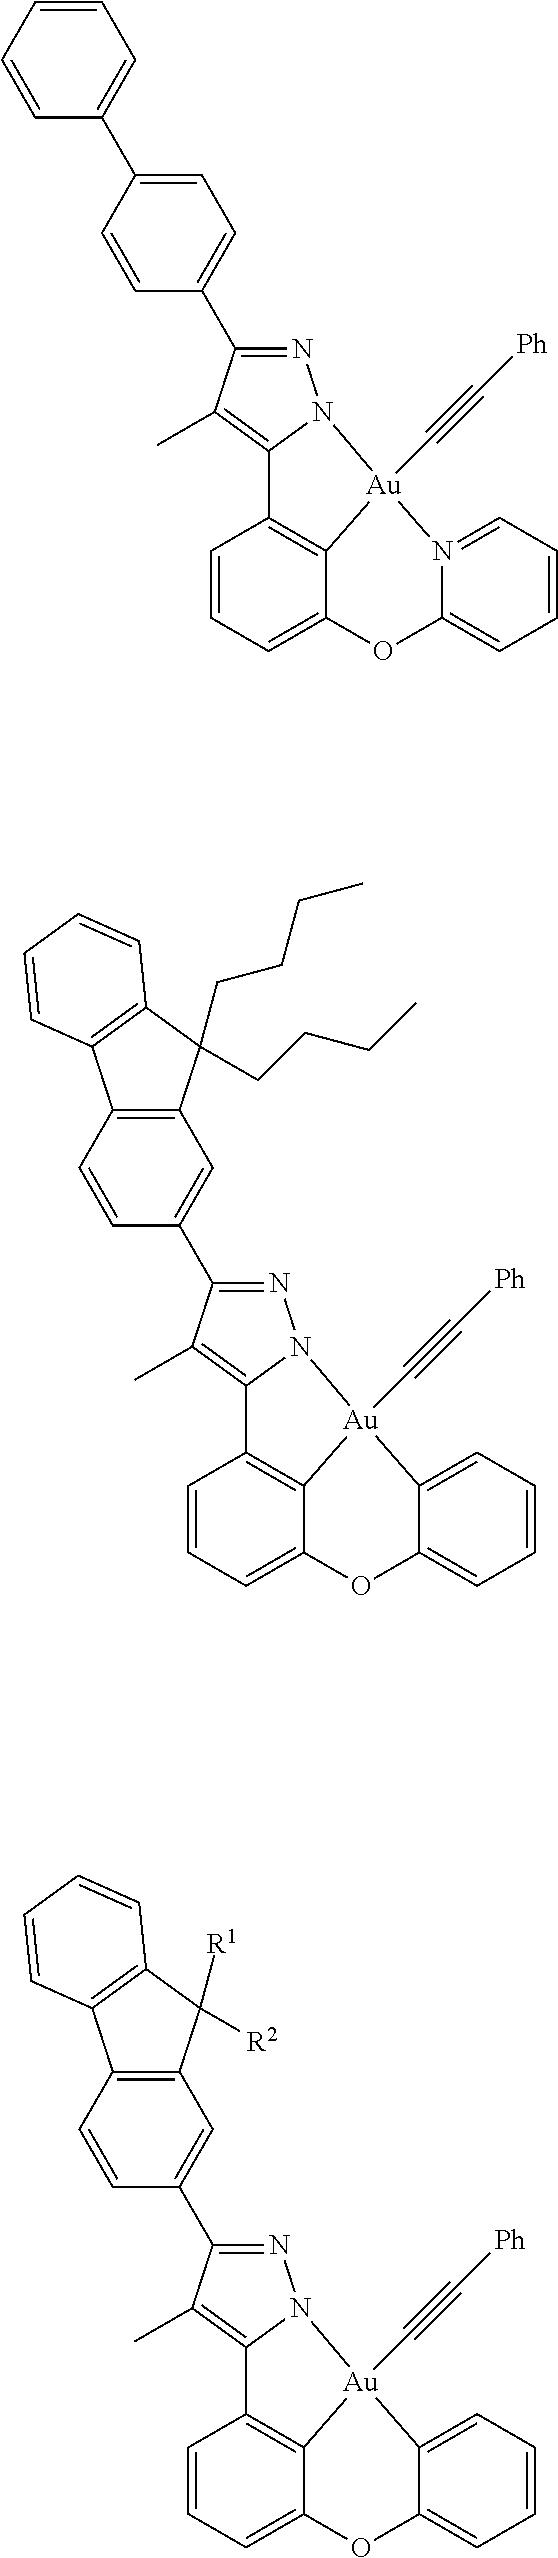 Figure US09818959-20171114-C00549